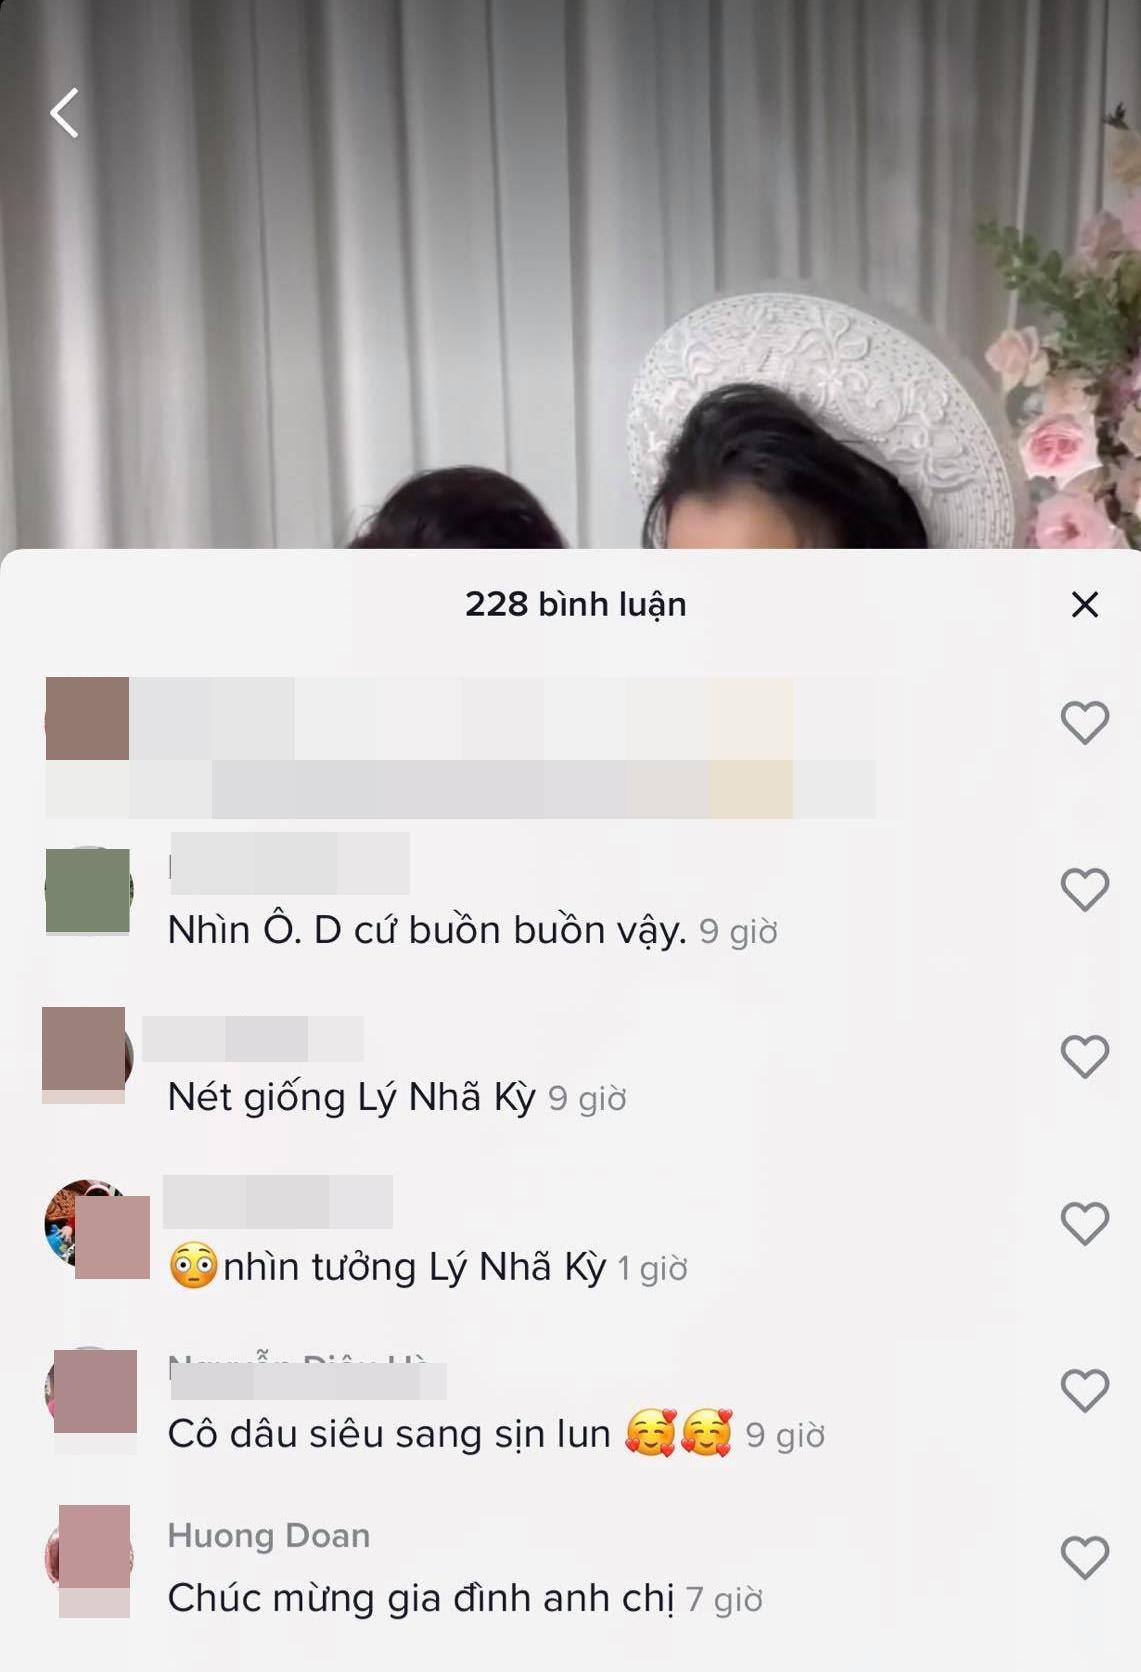 Ly Nha Ky 4